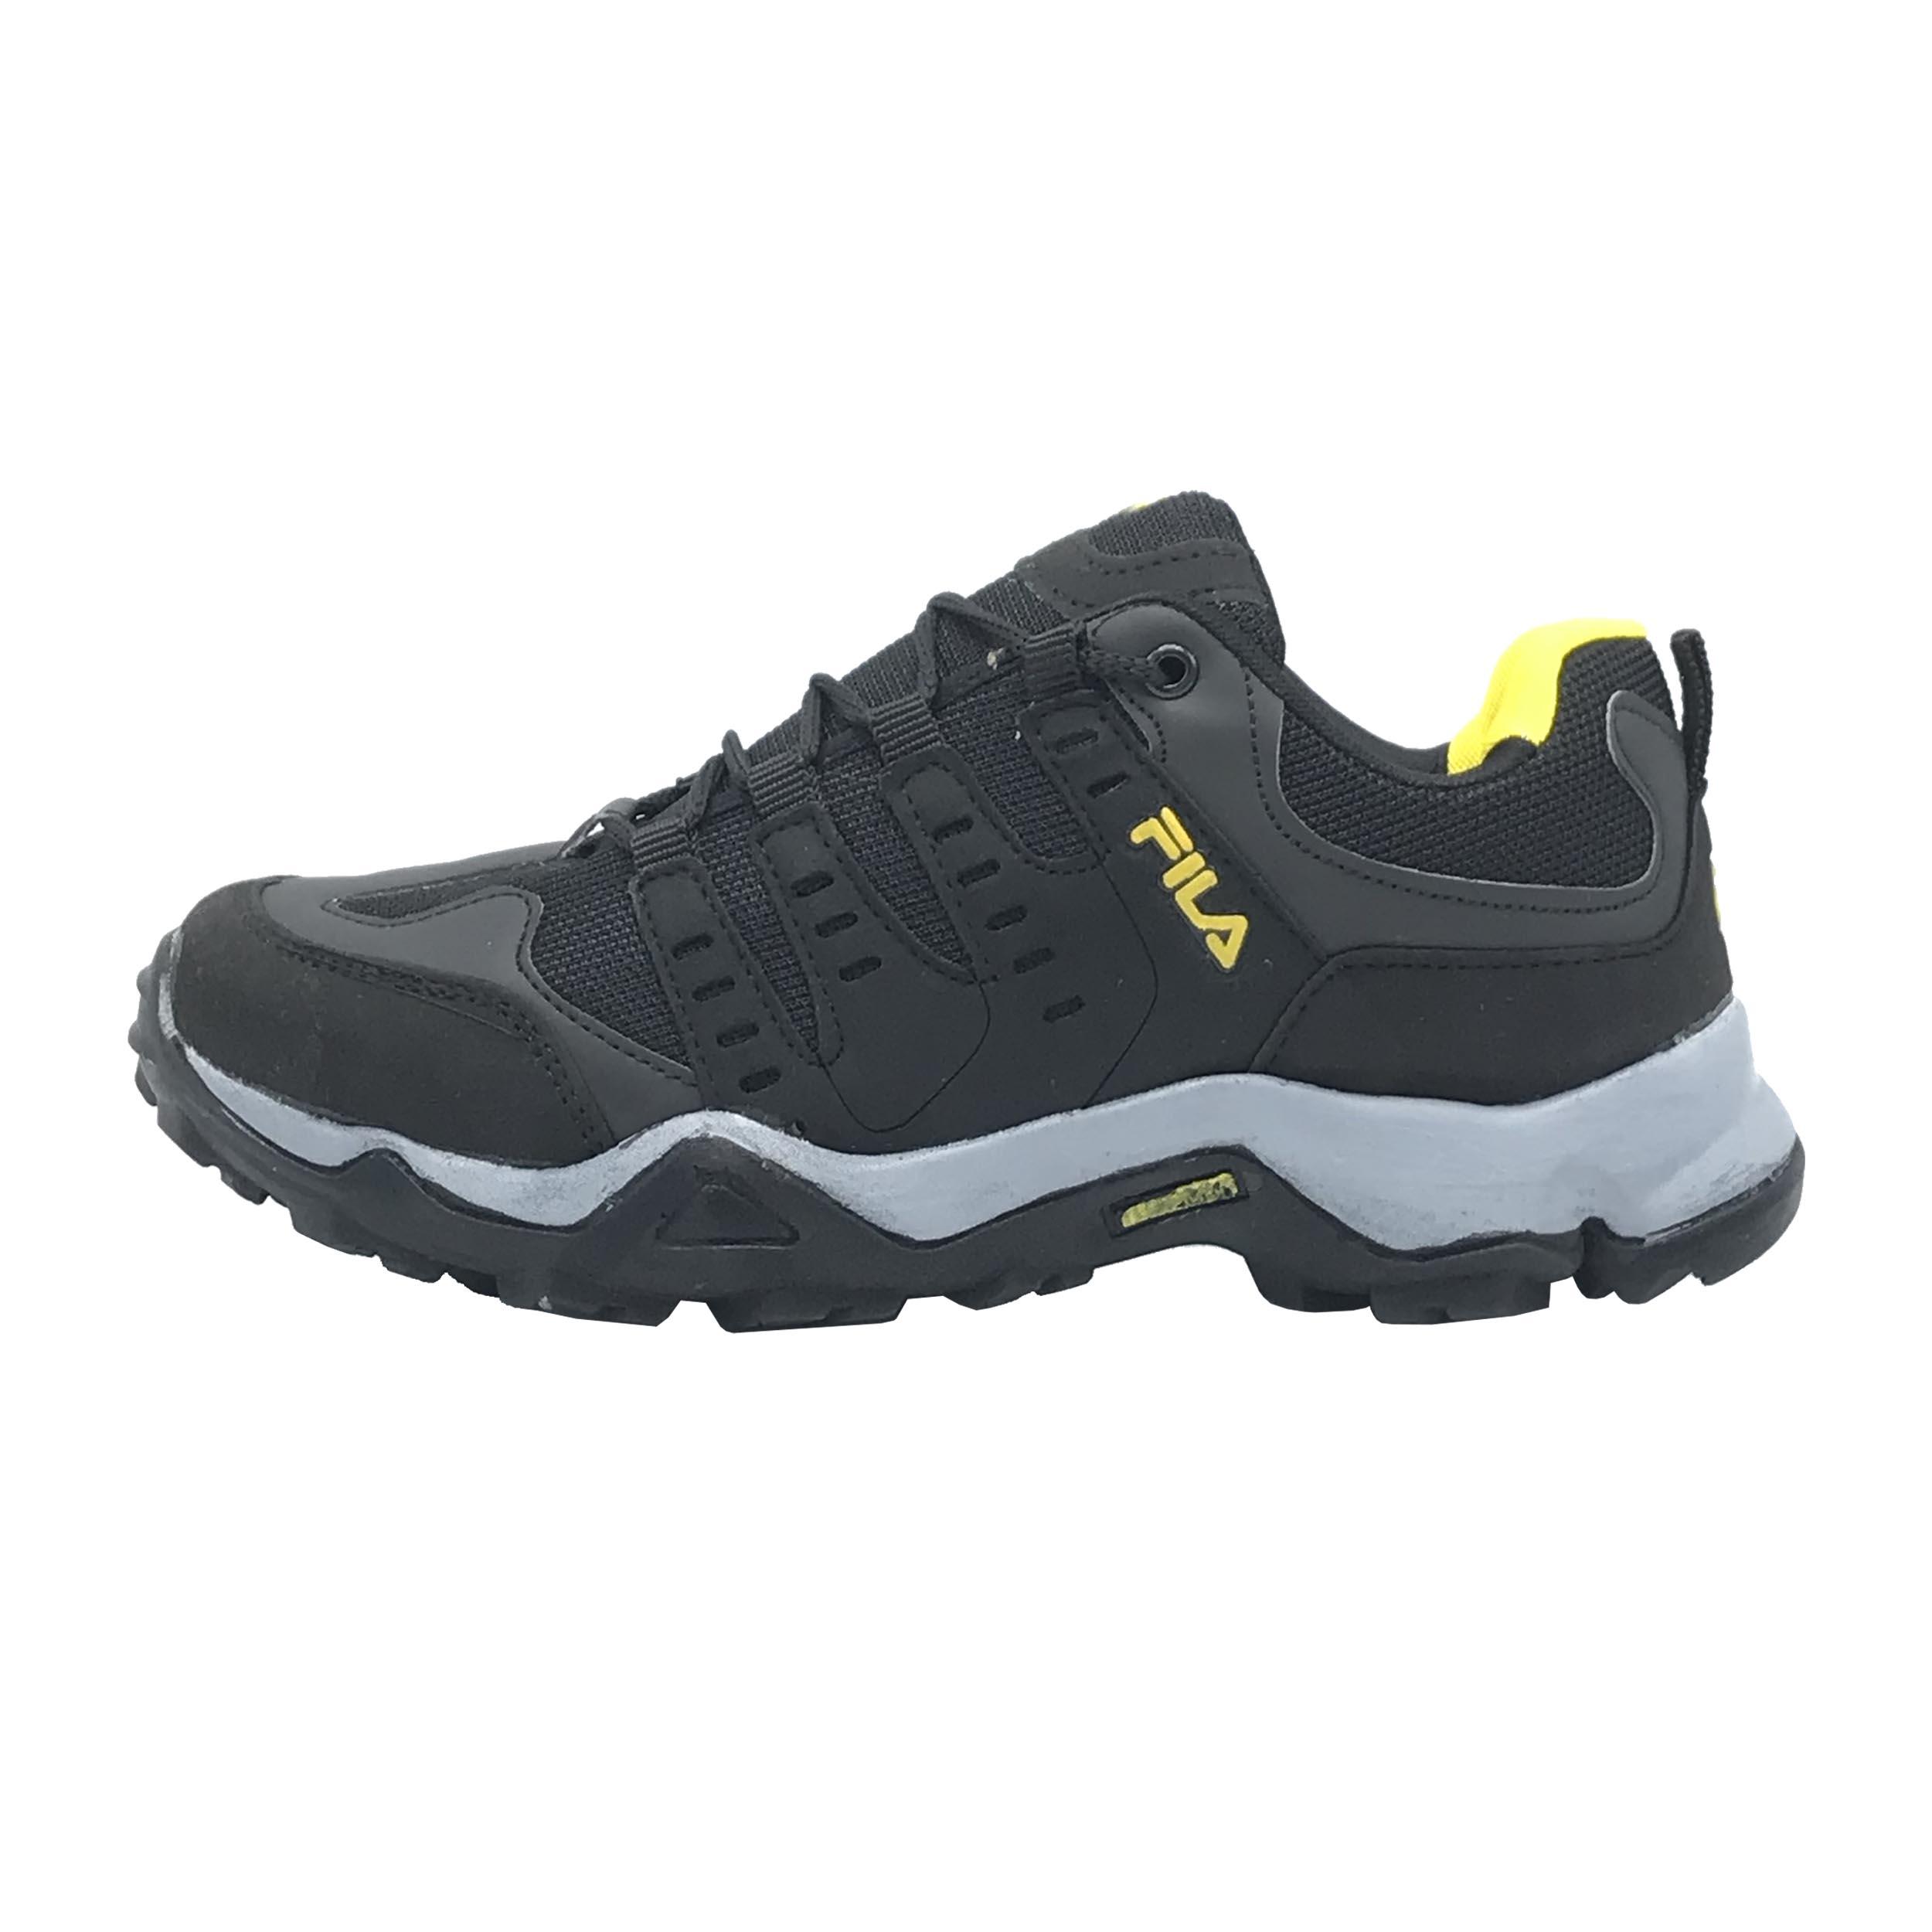 خرید                                      کفش راحتیمردانه مدل سپهر کد JB1200                     غیر اصل